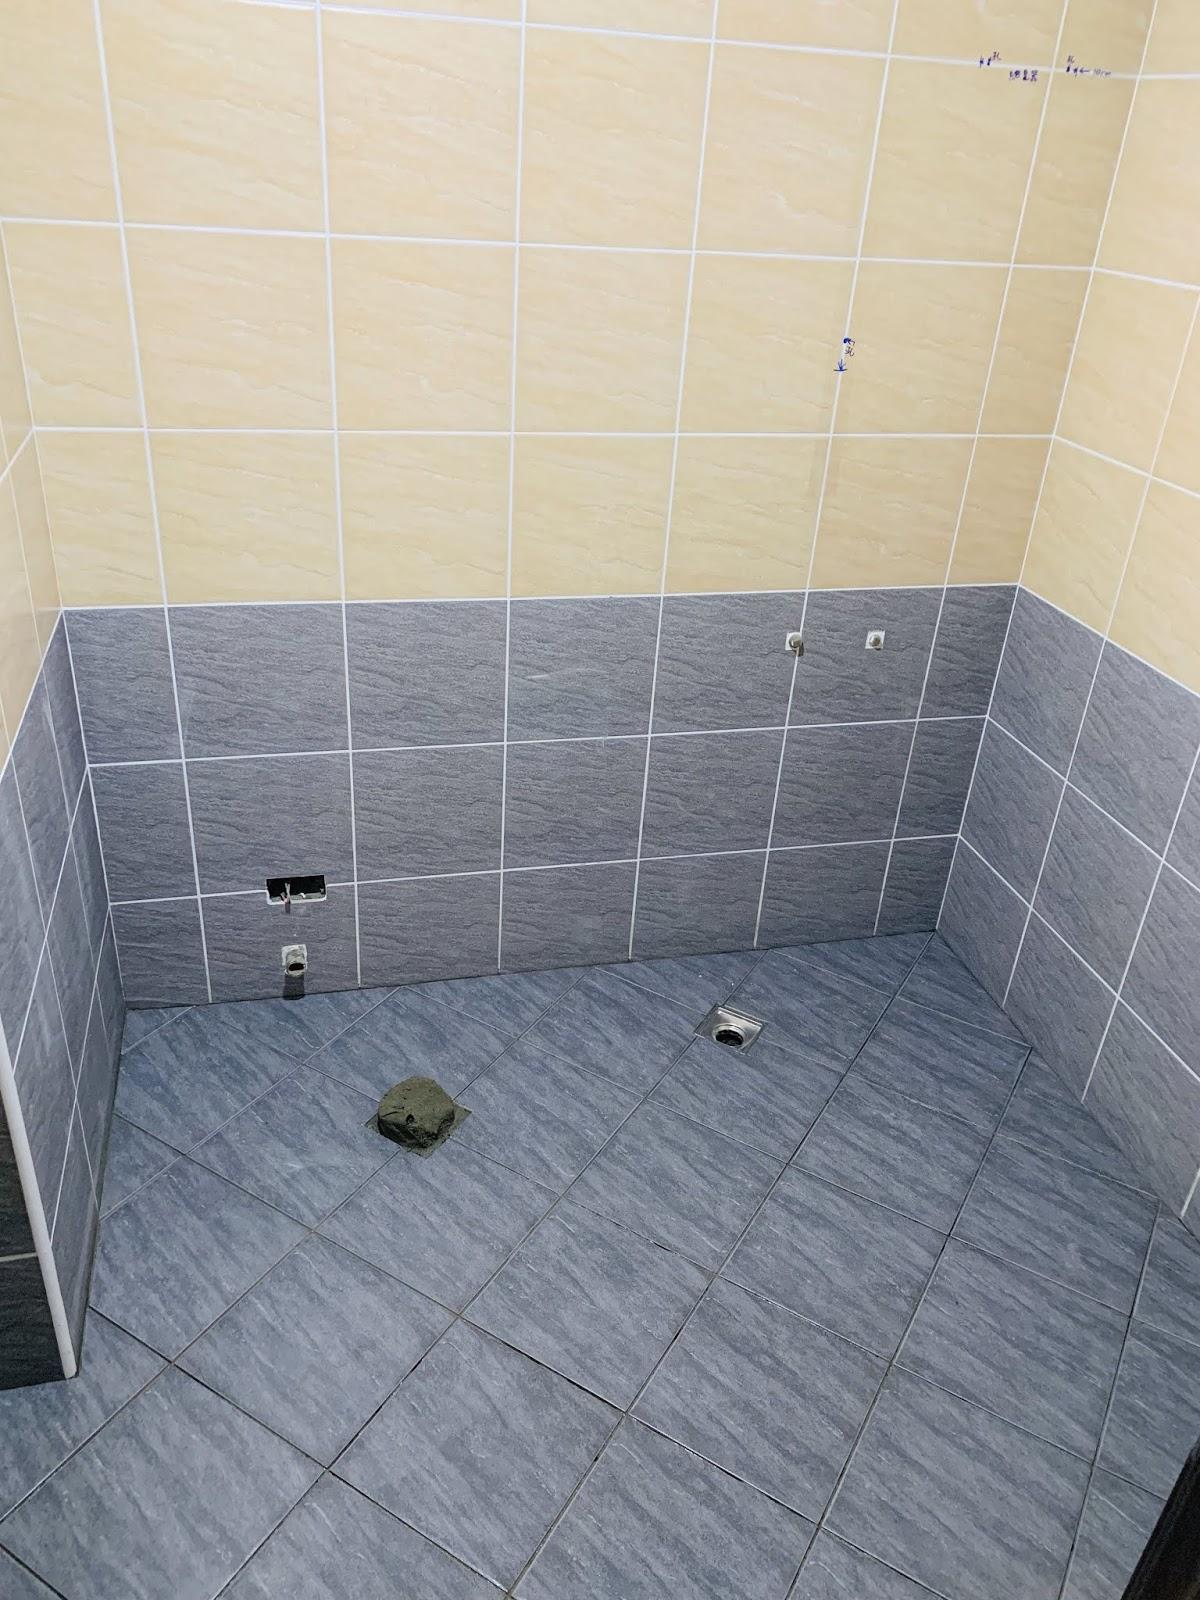 共用浴室-磁磚完成面